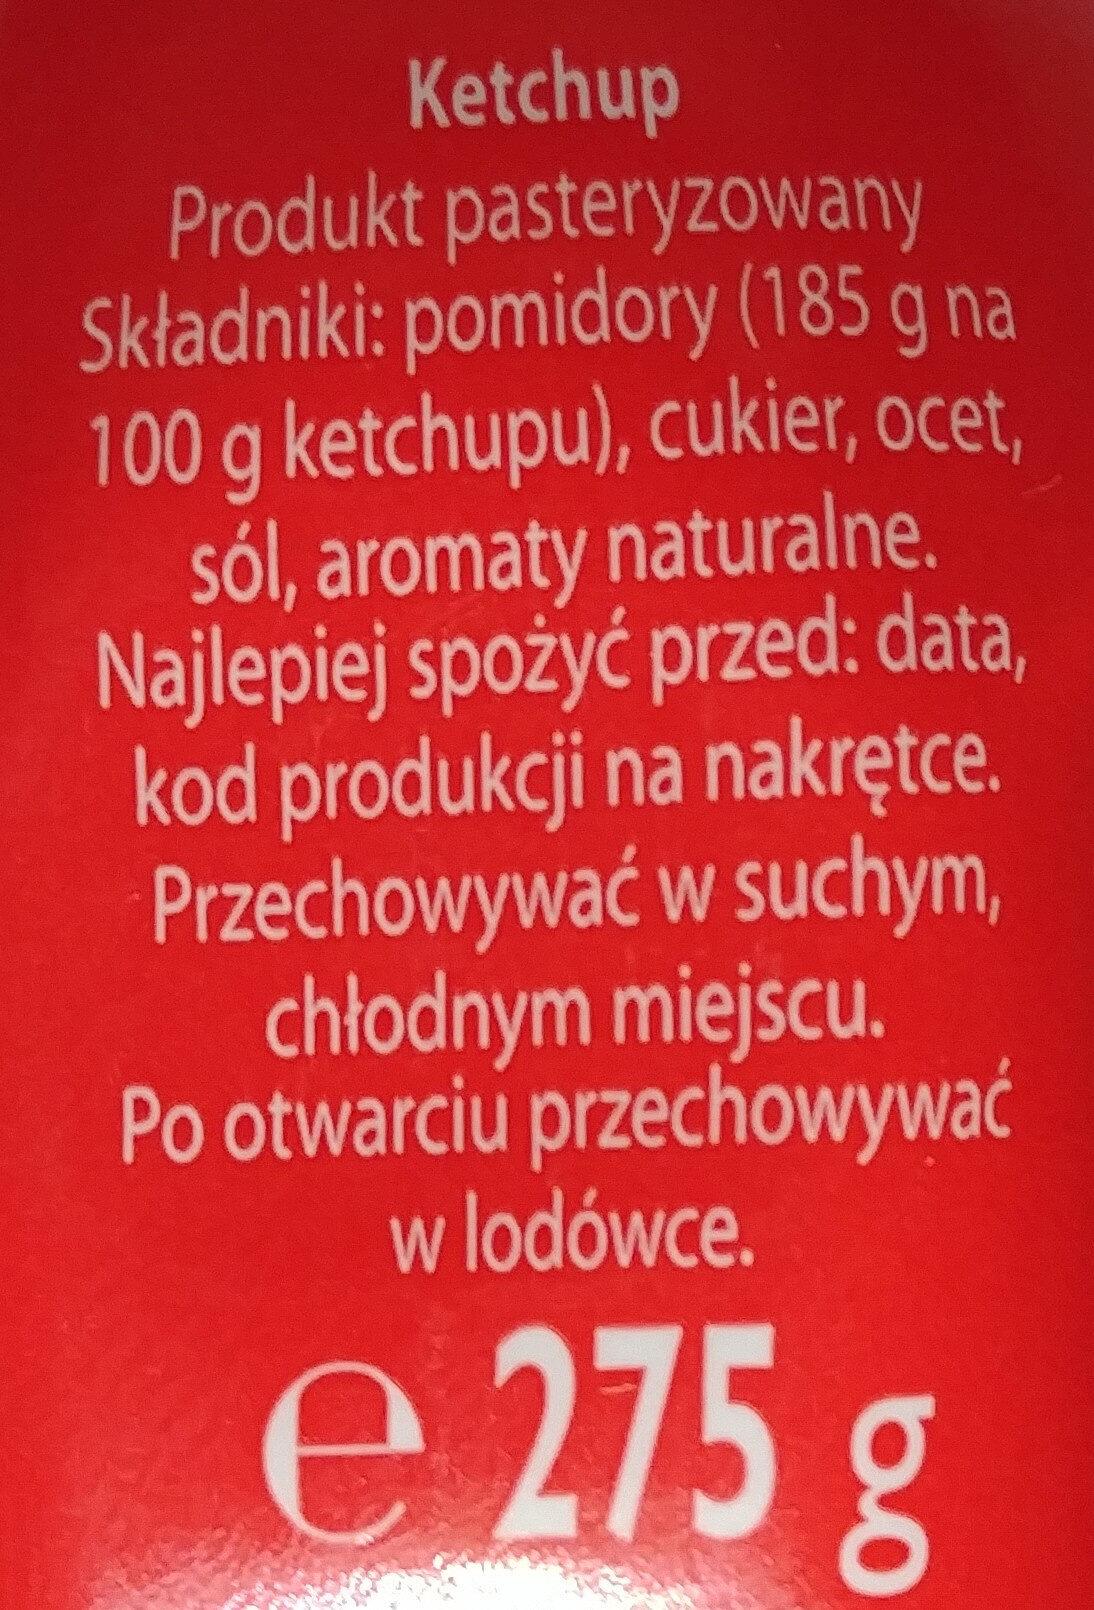 Ketchup łagodny Pudliszek - Ingrédients - pl